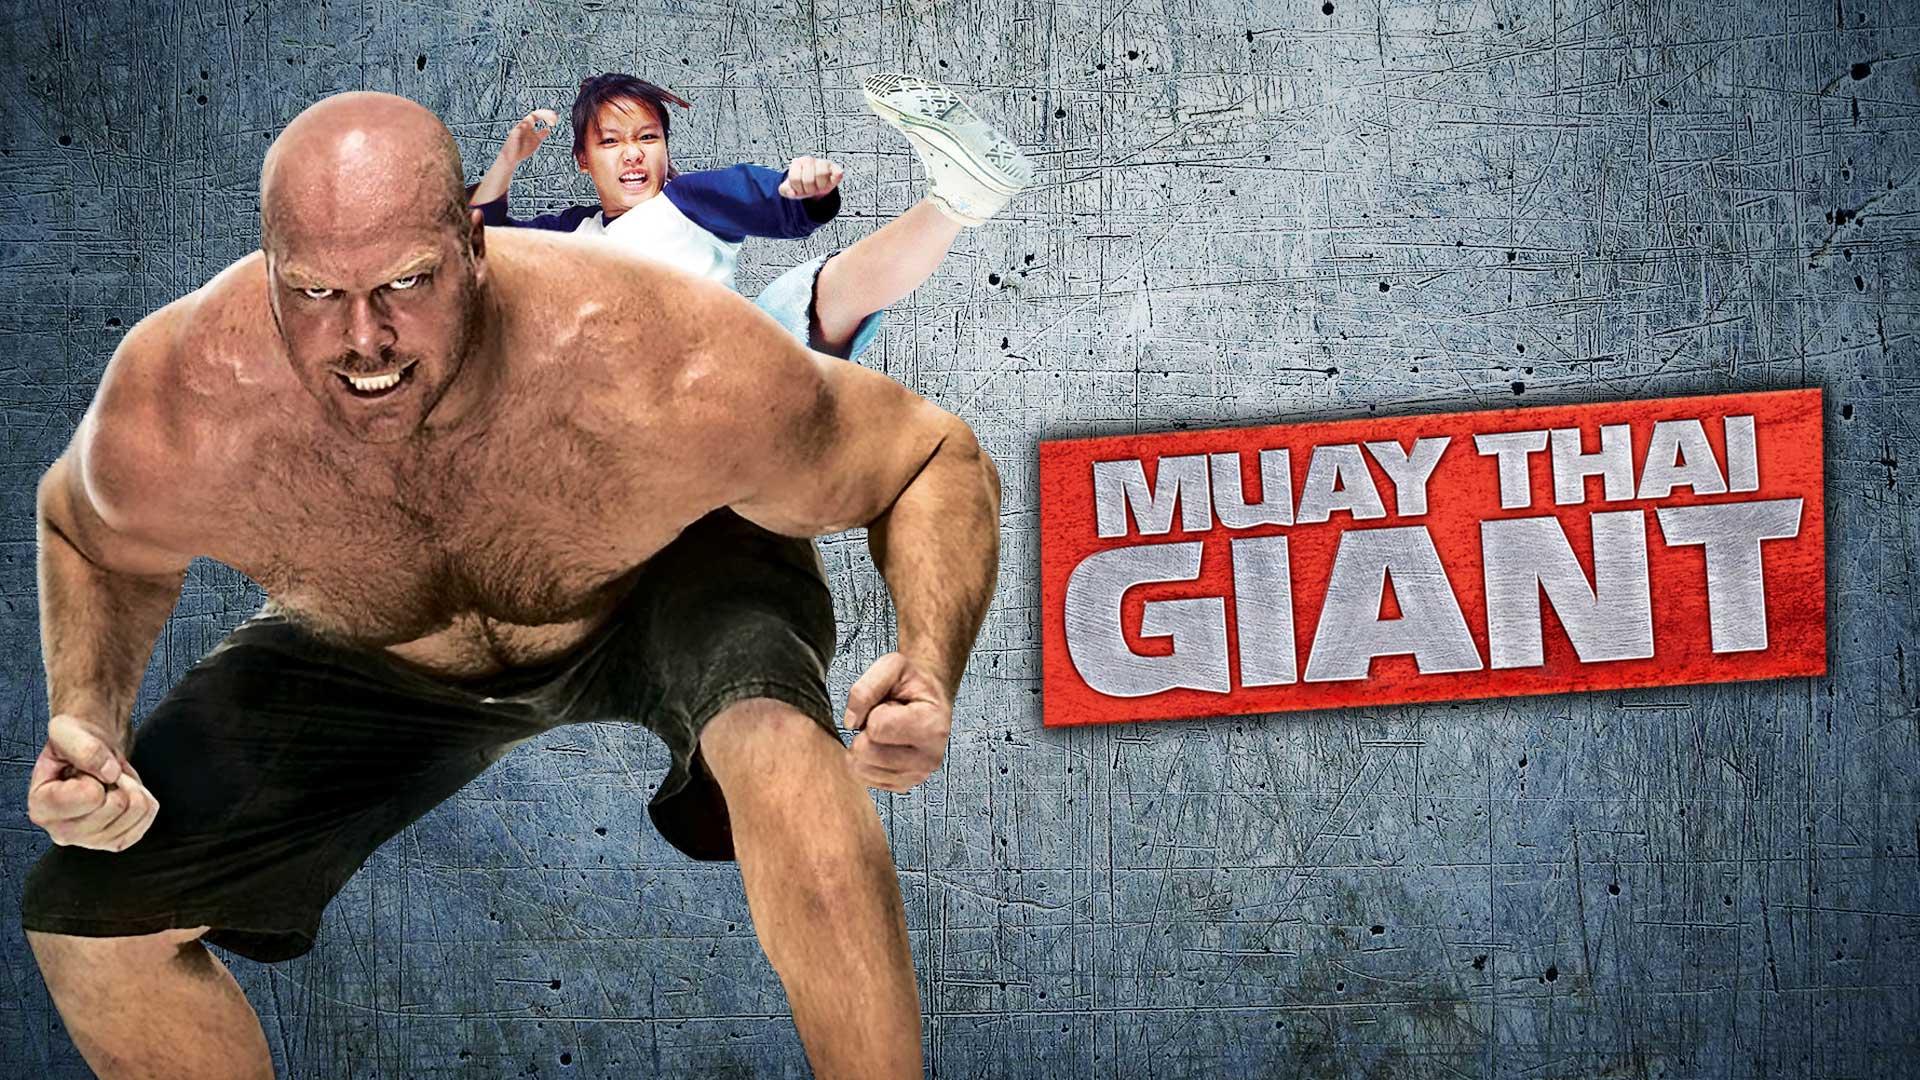 Muay Thai Giant (English Subtitled)